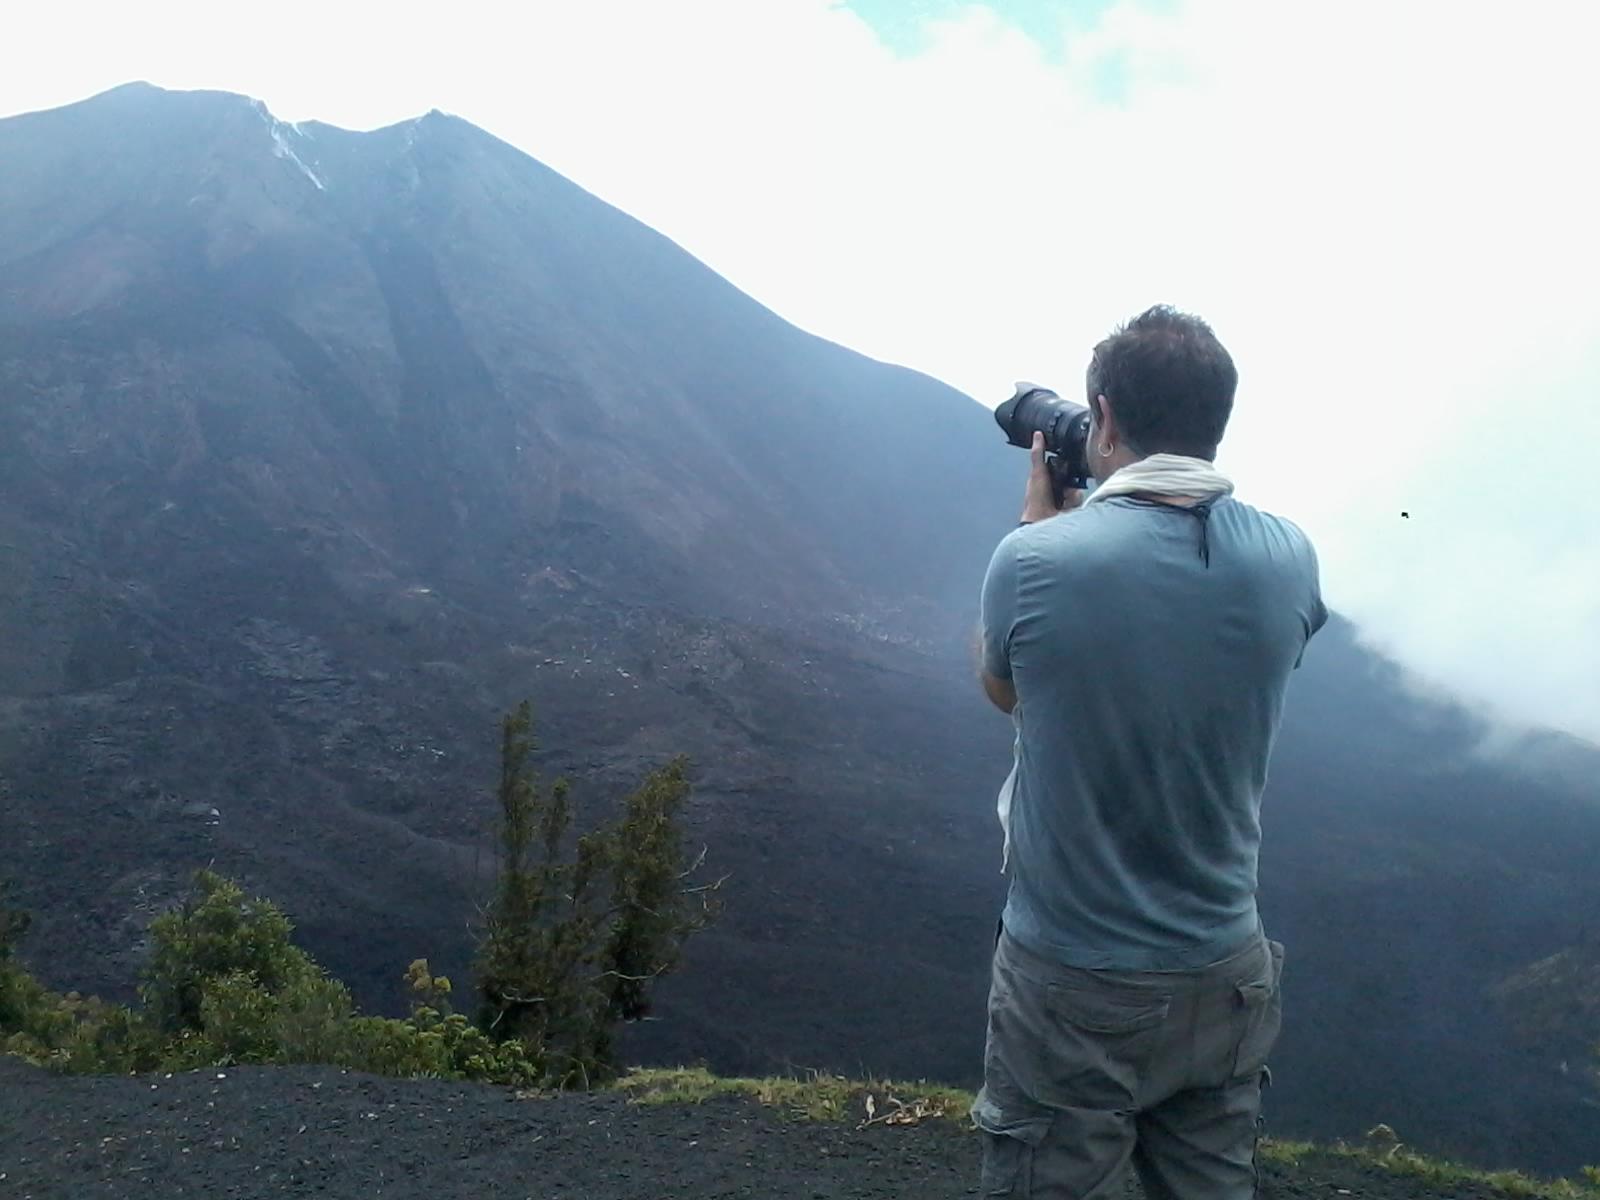 Para los fotógrafos, este es un lugar privilegiado para contemplar un paisaje.